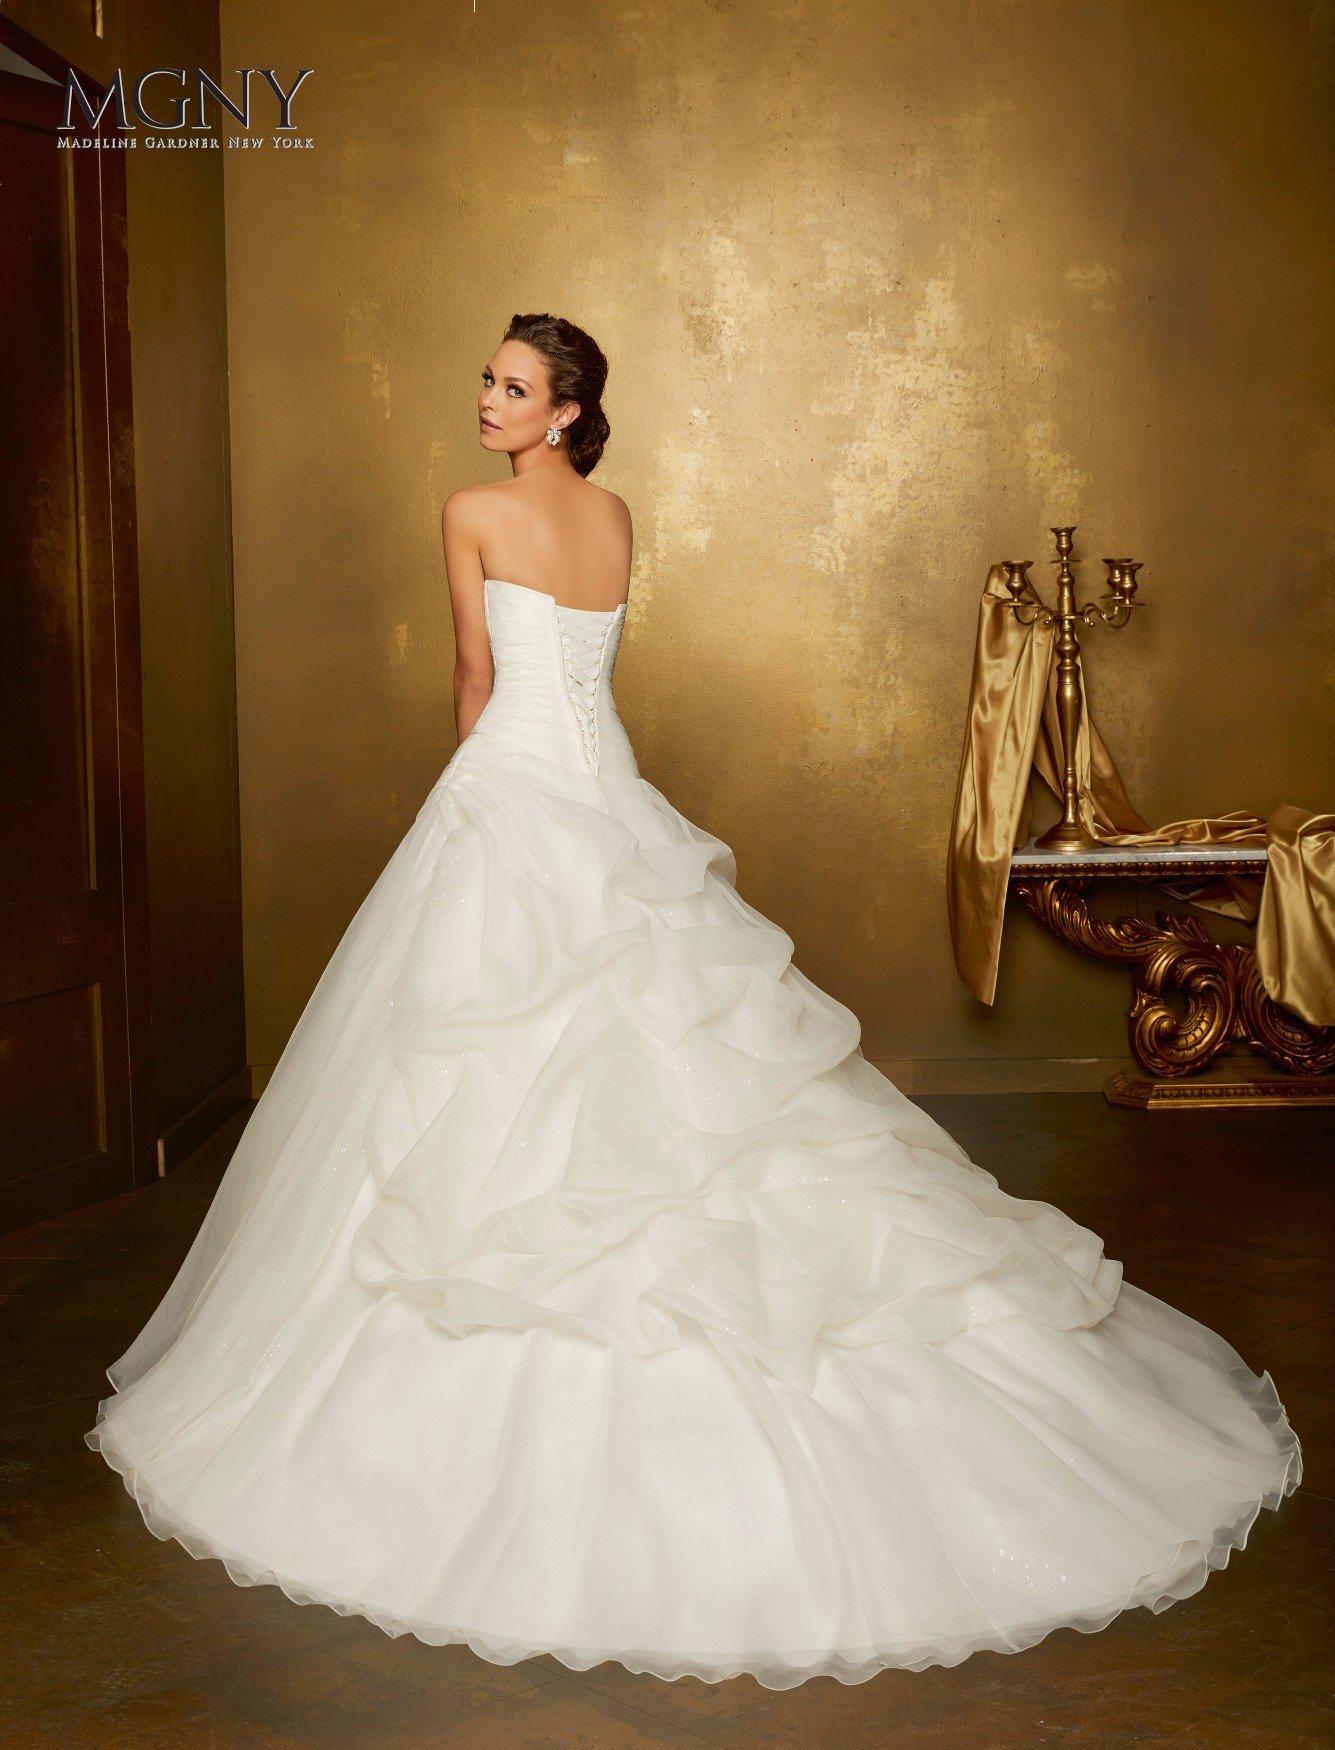 Una sposa felice nel suo nuovo abito bianco